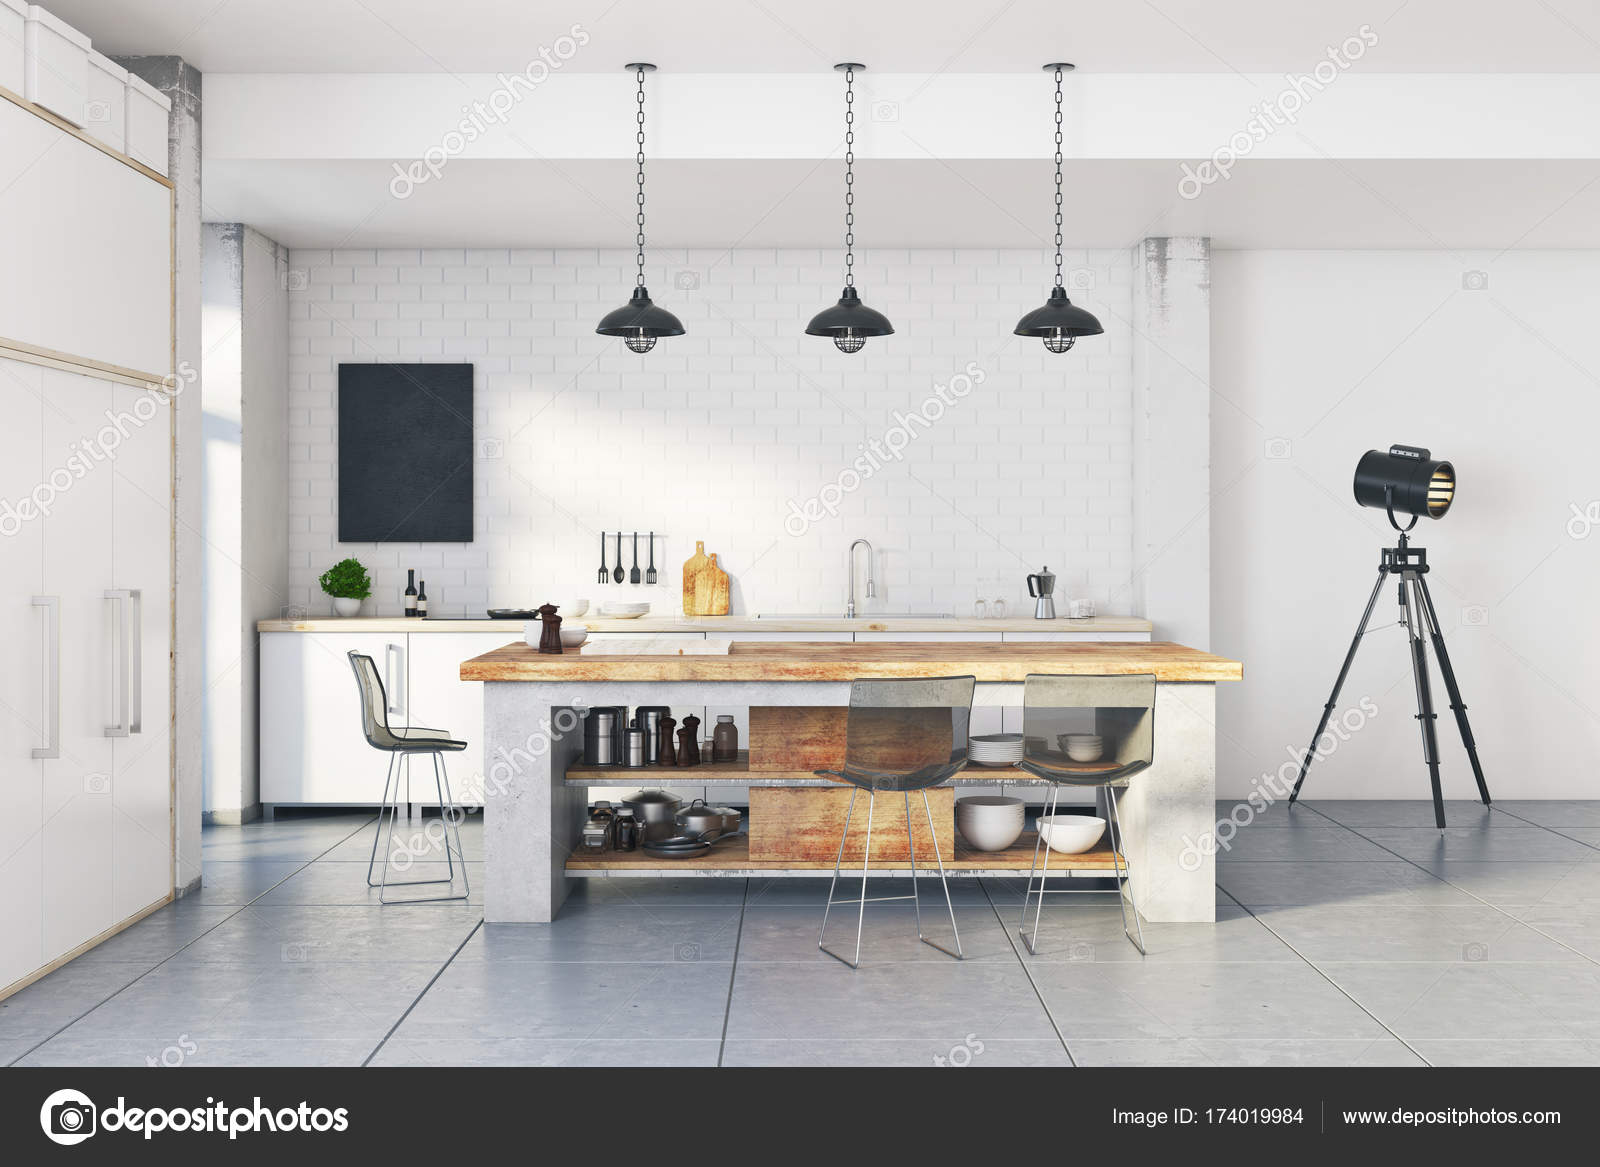 Moderne Loft-weiße Küche-Interieur — Stockfoto © peshkova #174019984